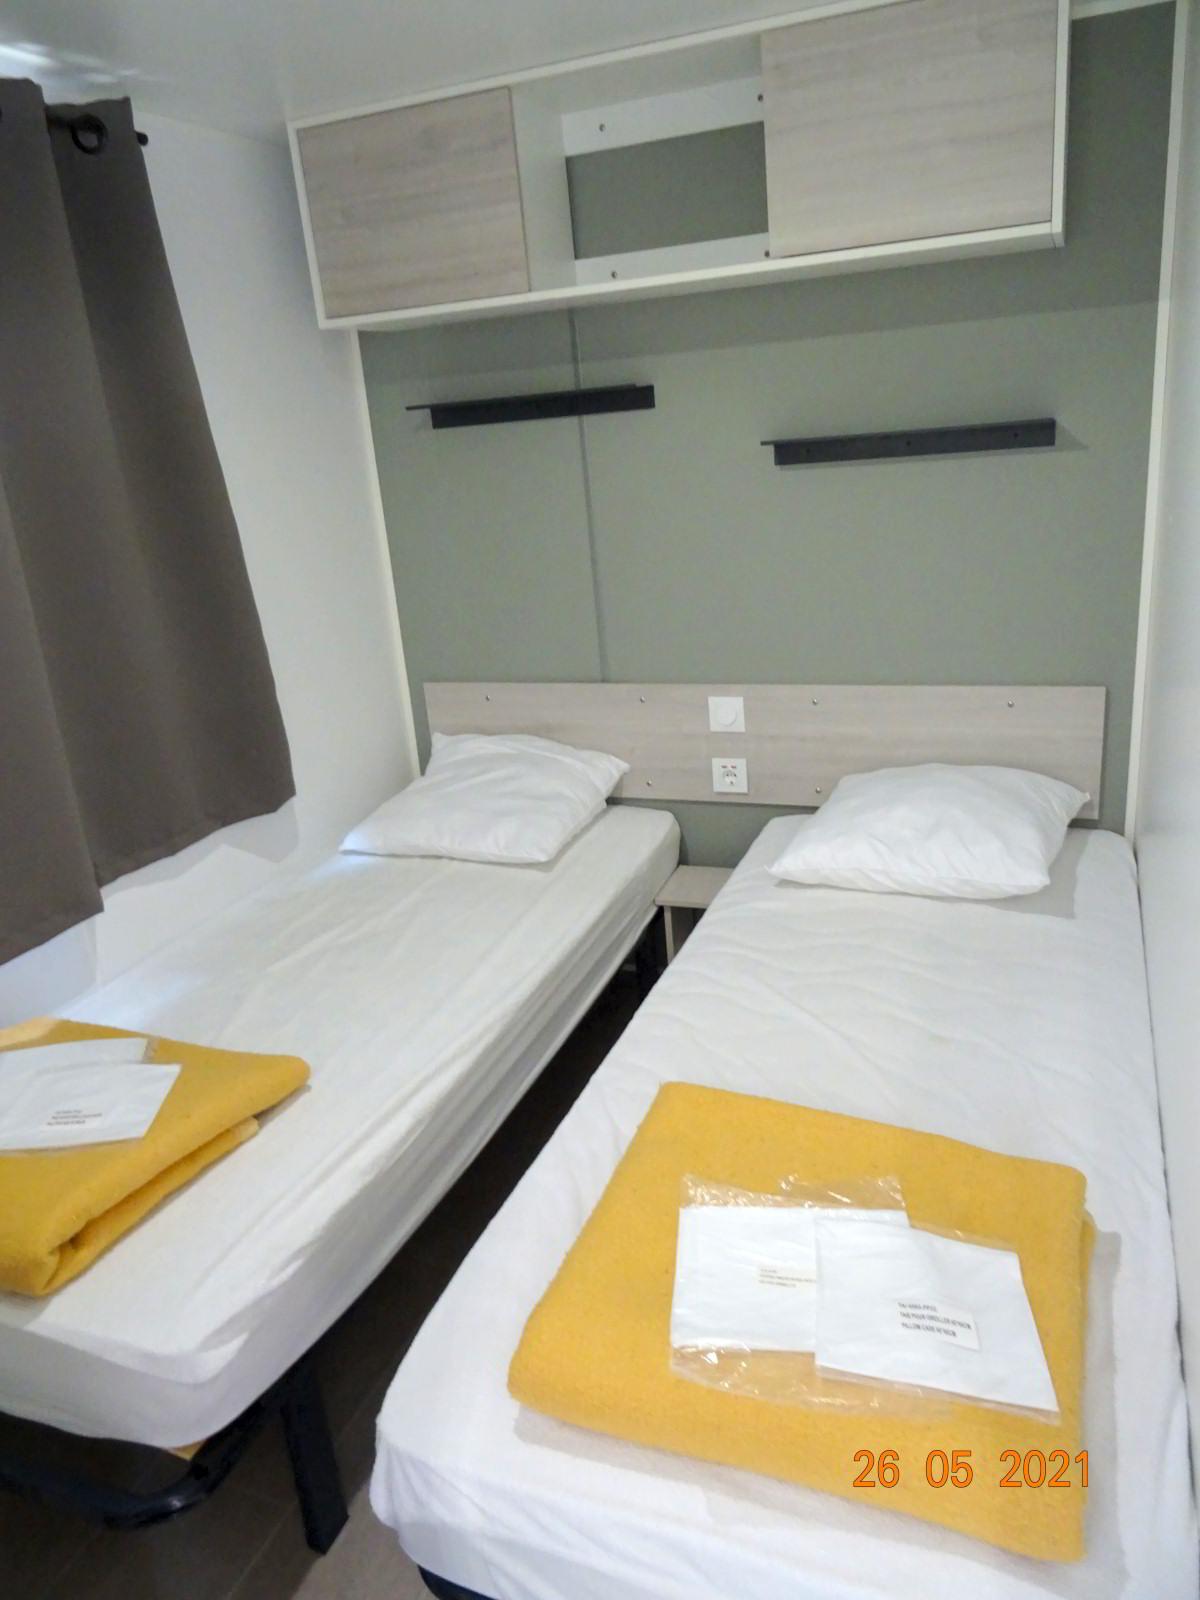 2-persoonskamer, nieuwe stacaravan met 2 slaapkamers